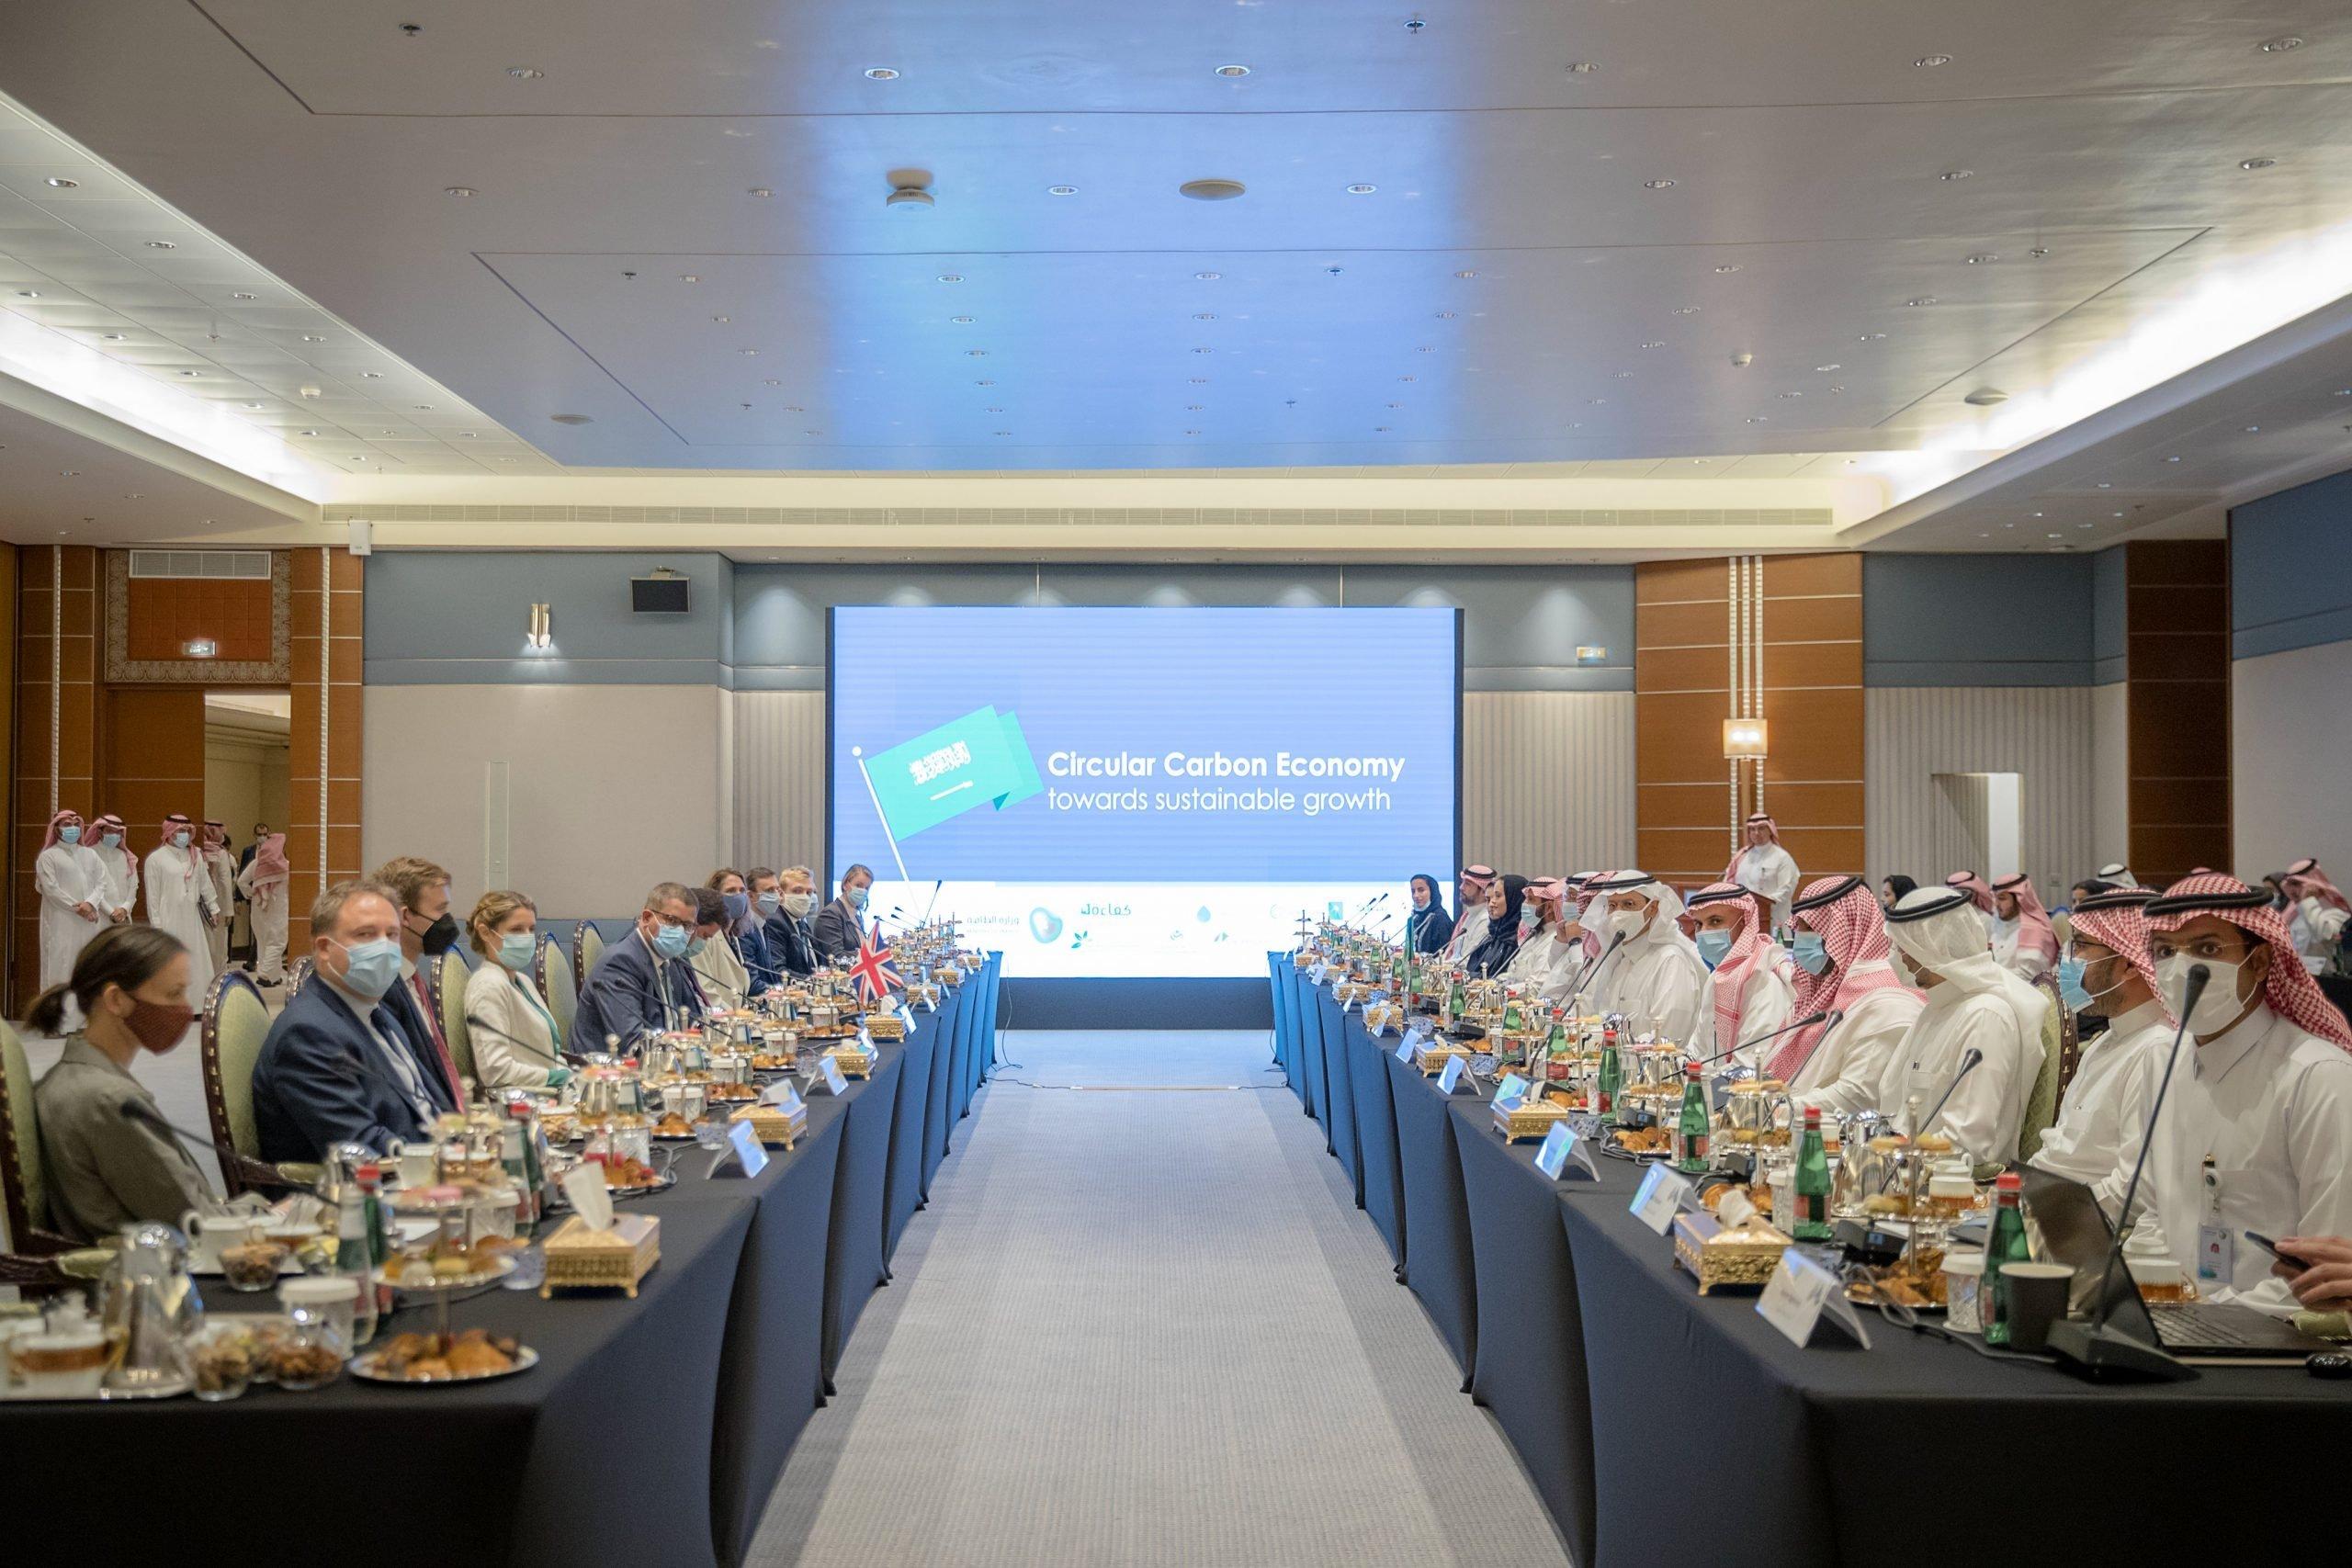 وزير الطاقة السعودي خلال لقاءه ألوك شارما